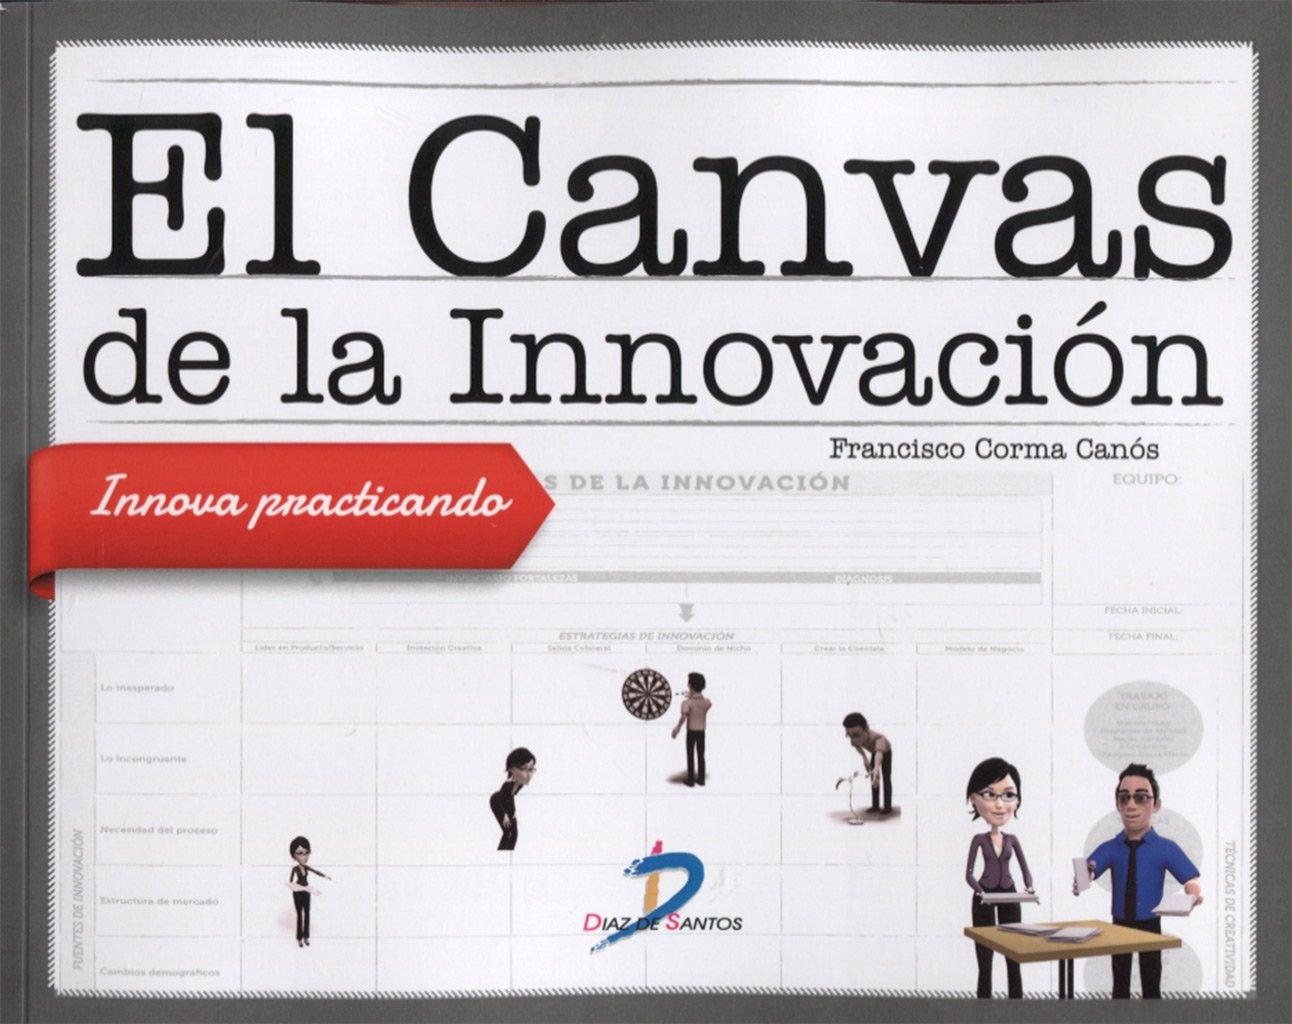 Resultado de imagen para El Canvas de la Innovación: innova practicando